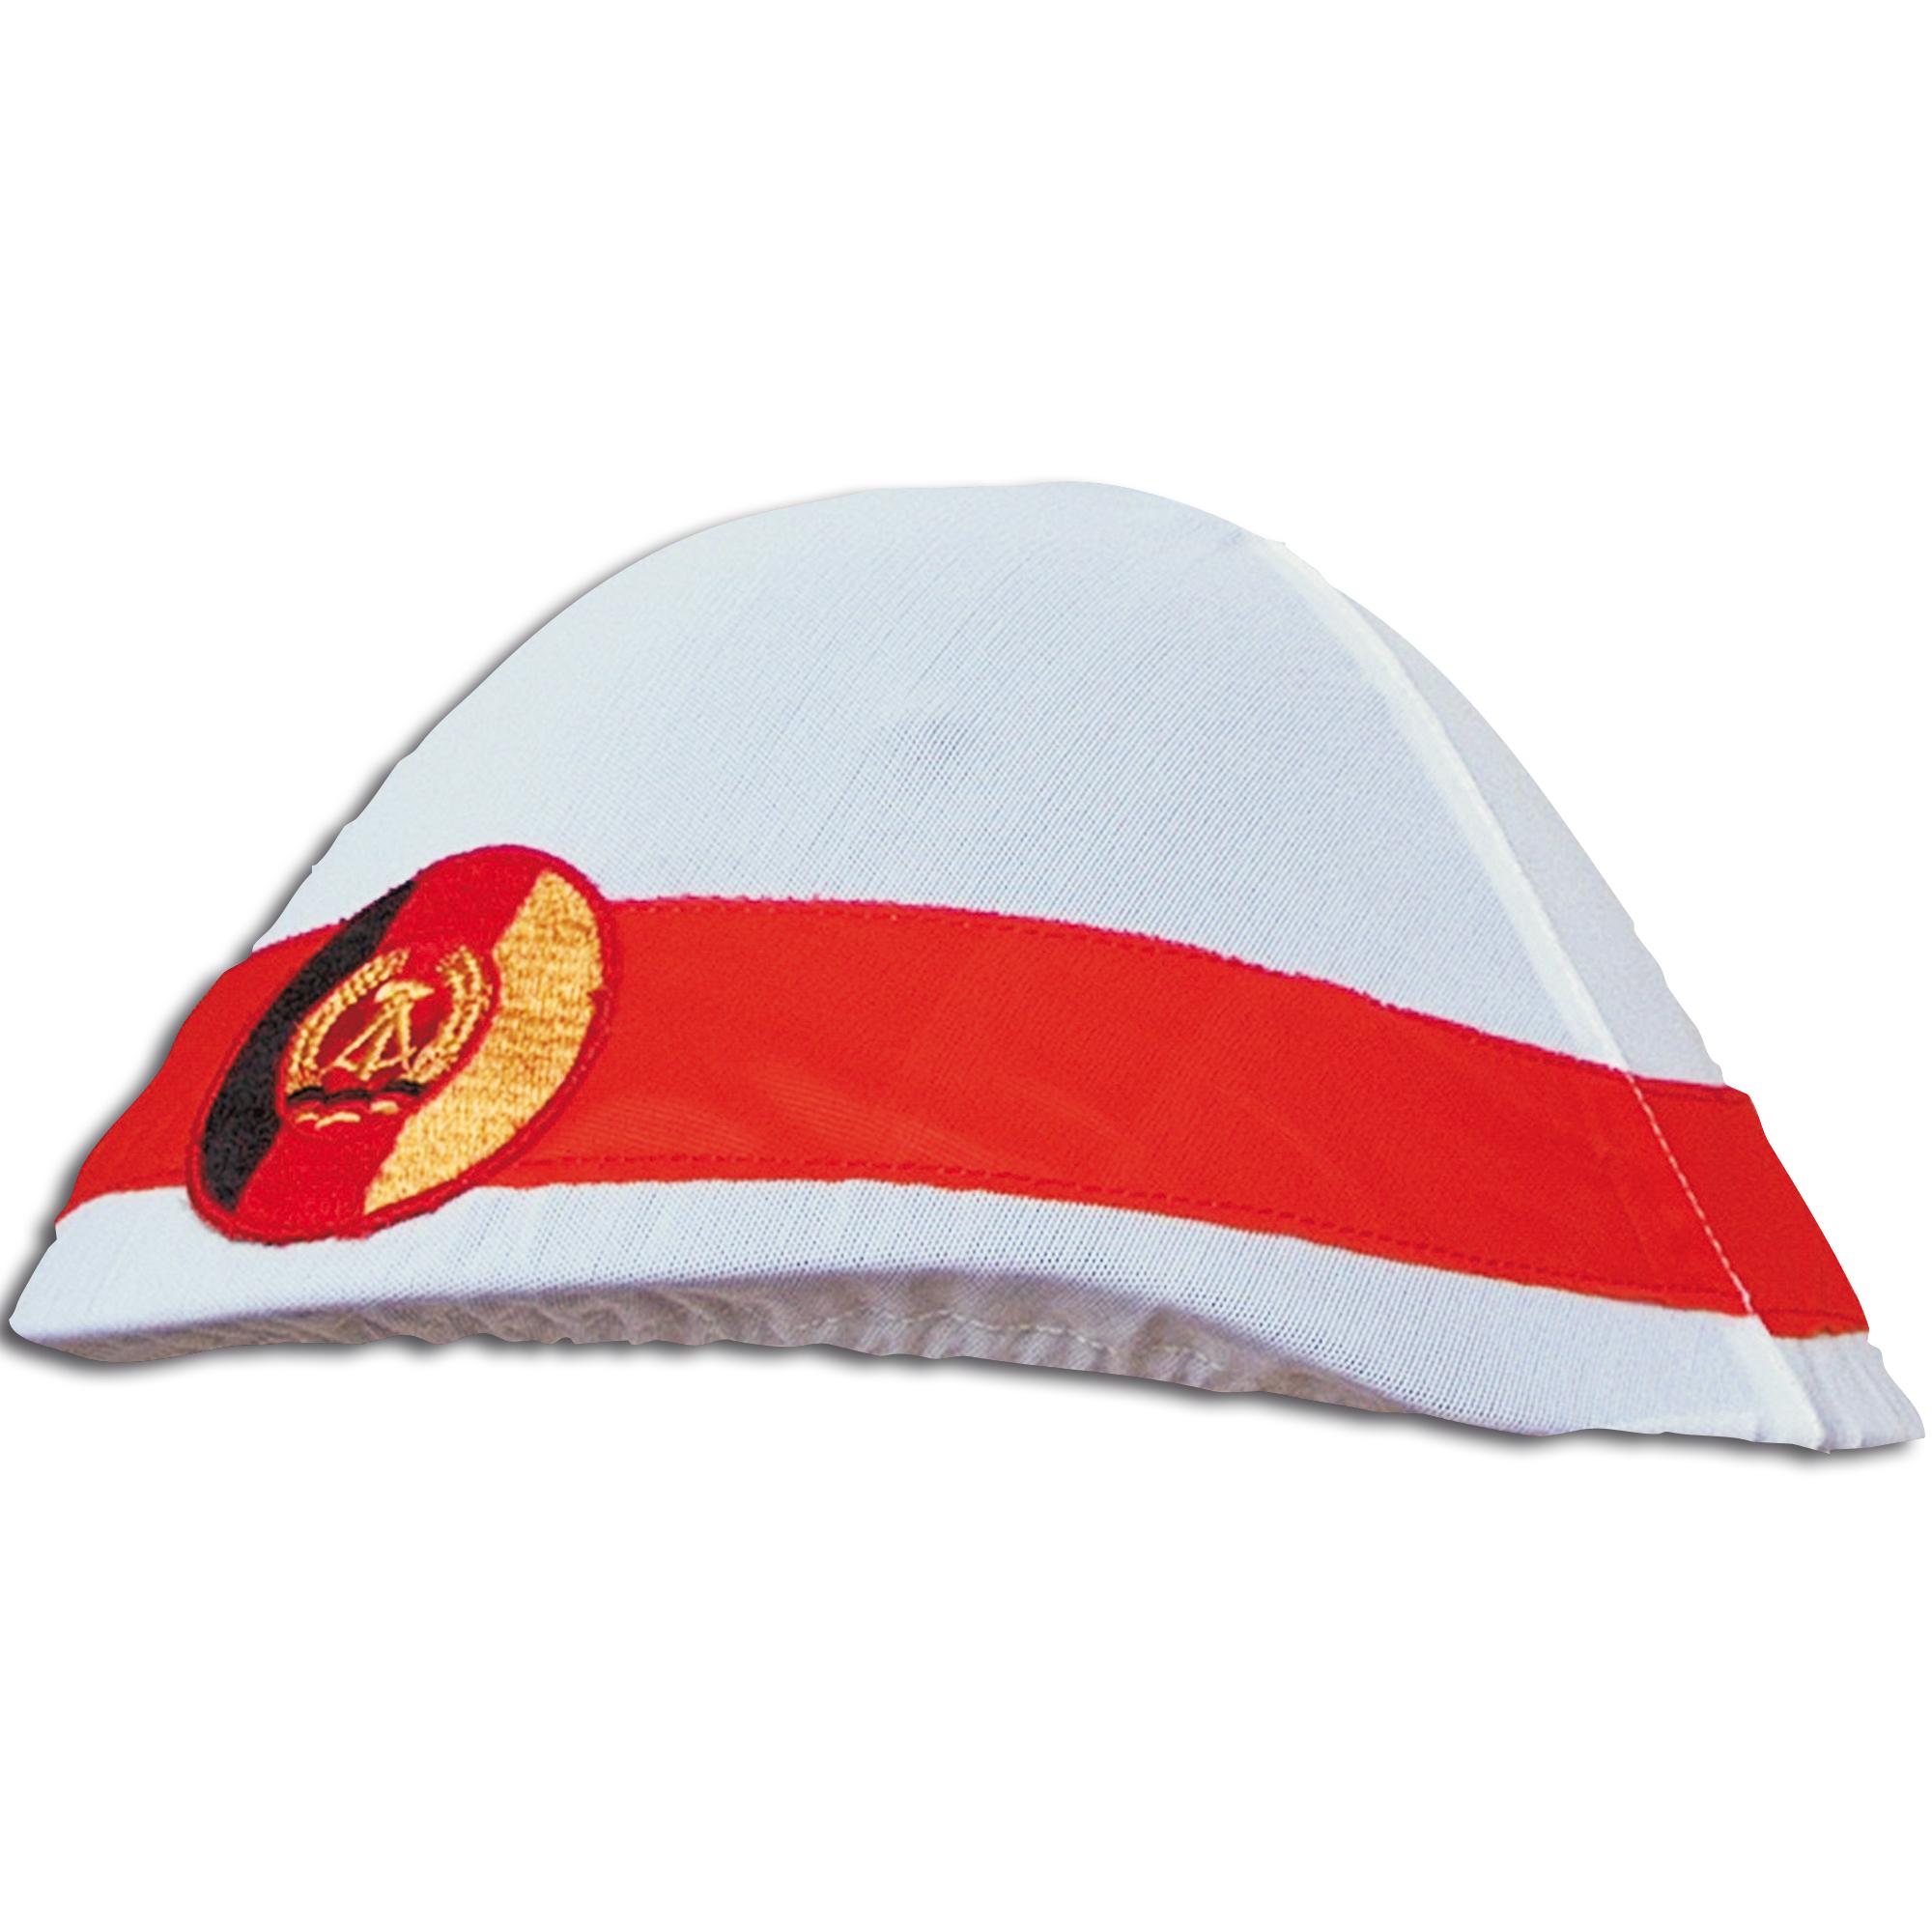 Couvre casque Regler RDA